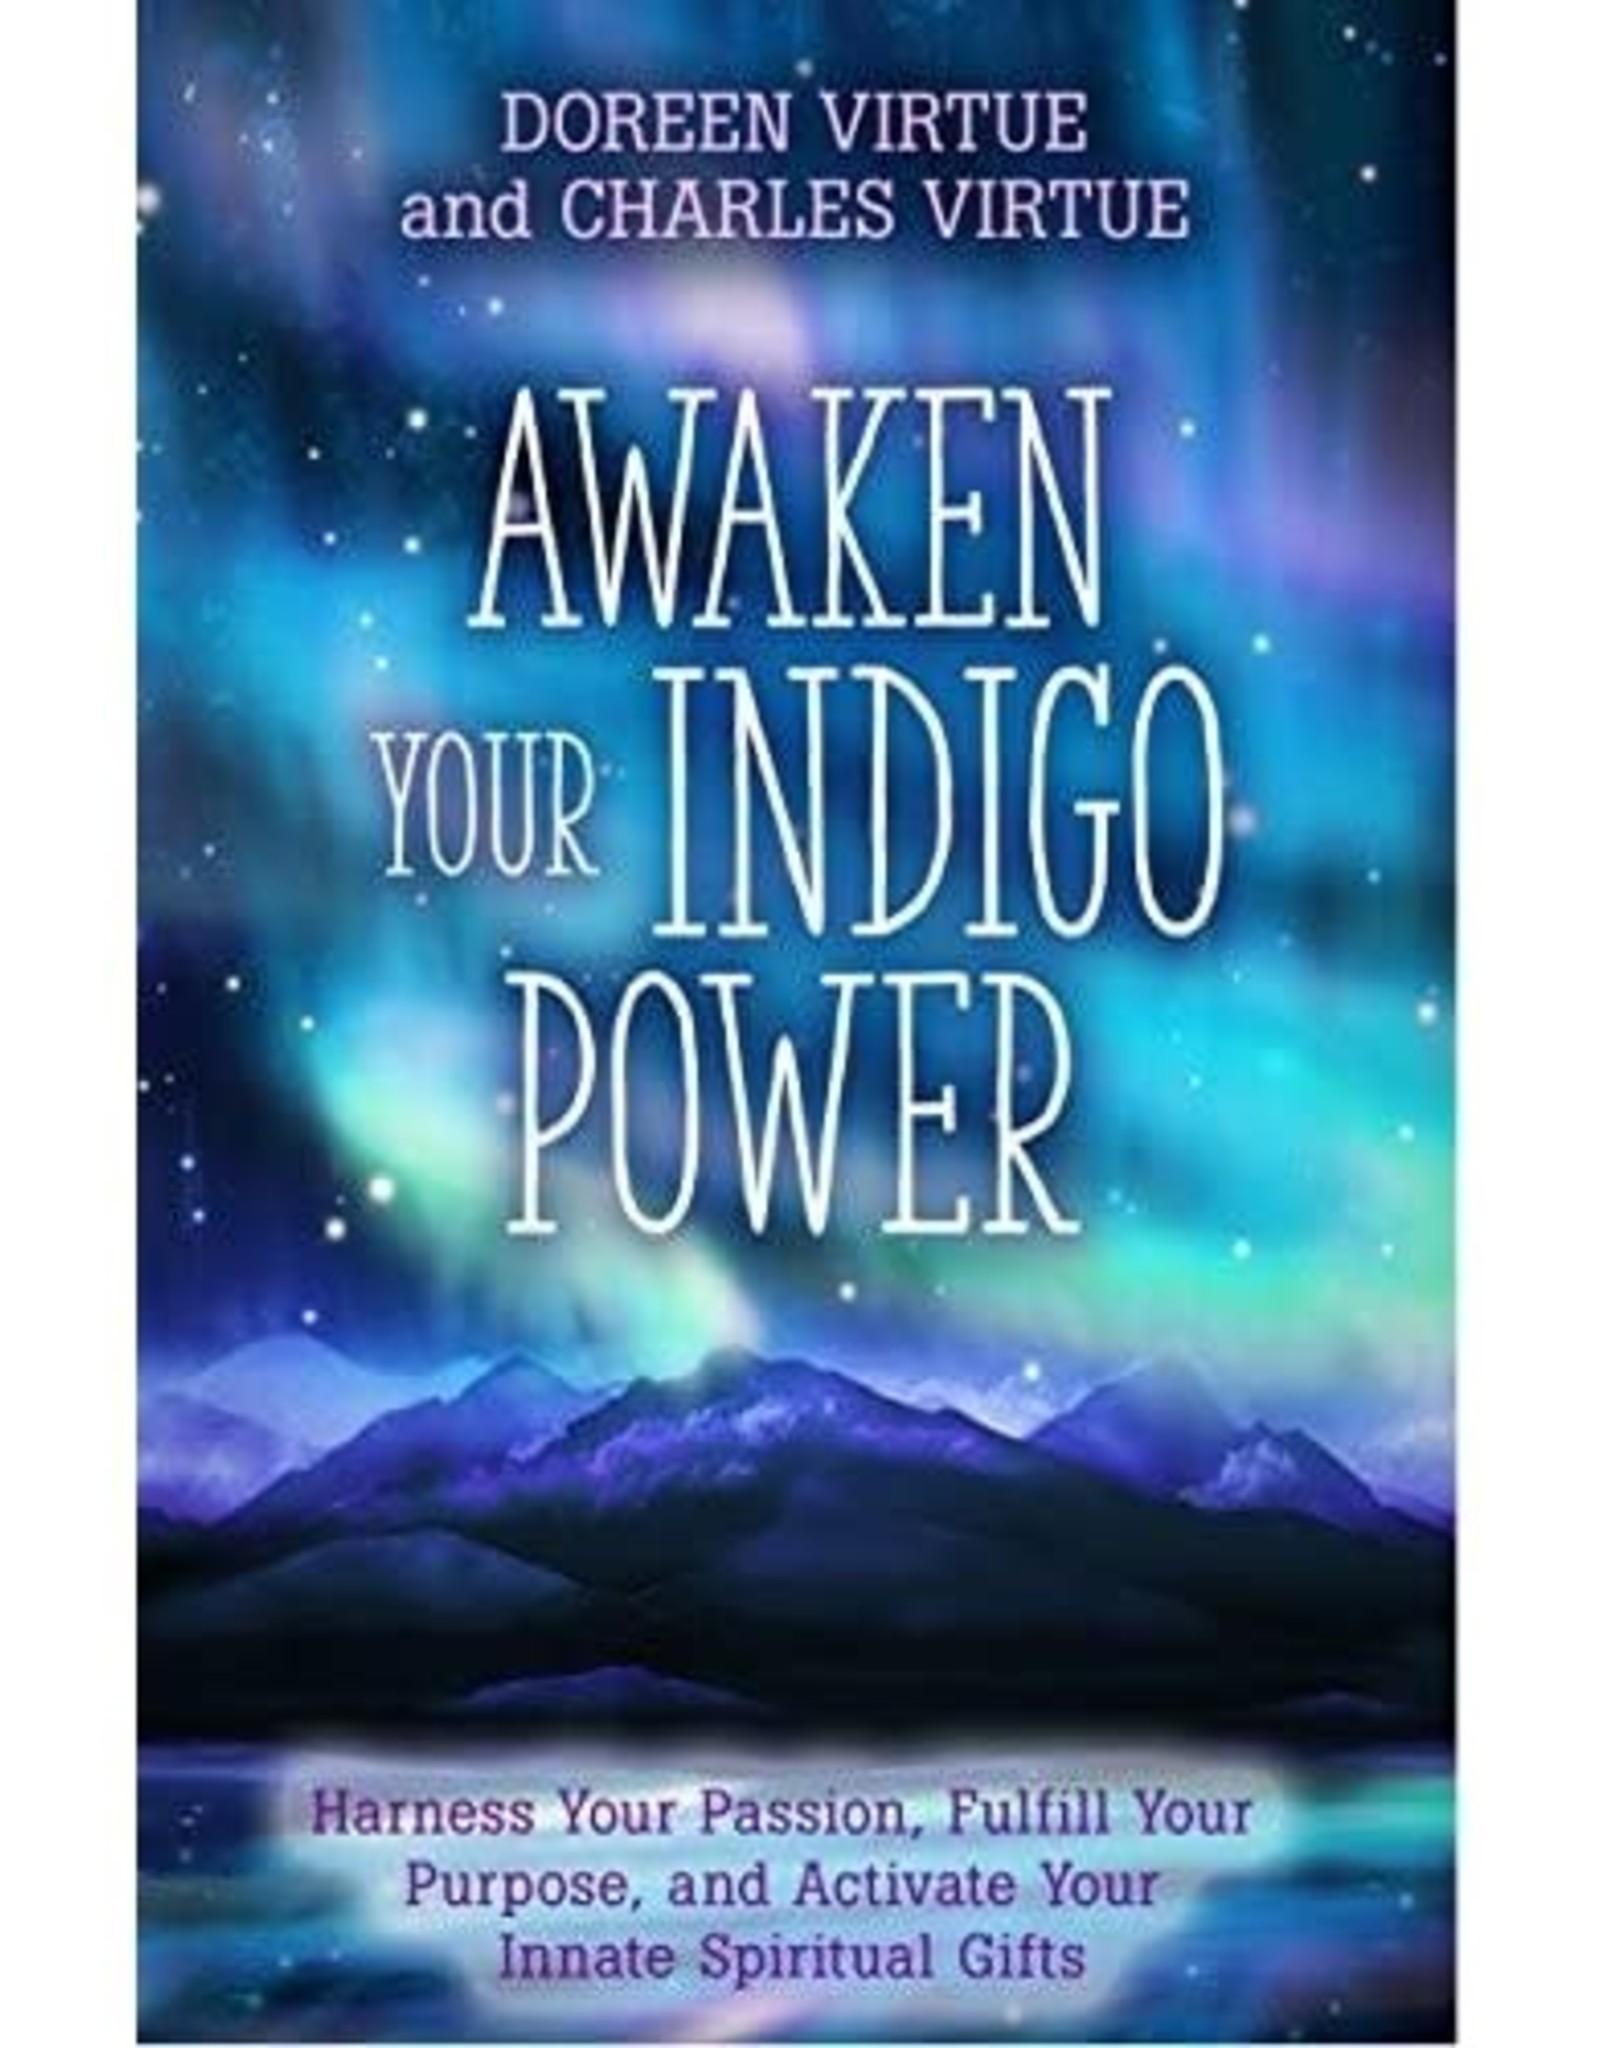 Doreen Virtue Awaken Your Indigo Power by Doreen Virtue & Charles Virtue